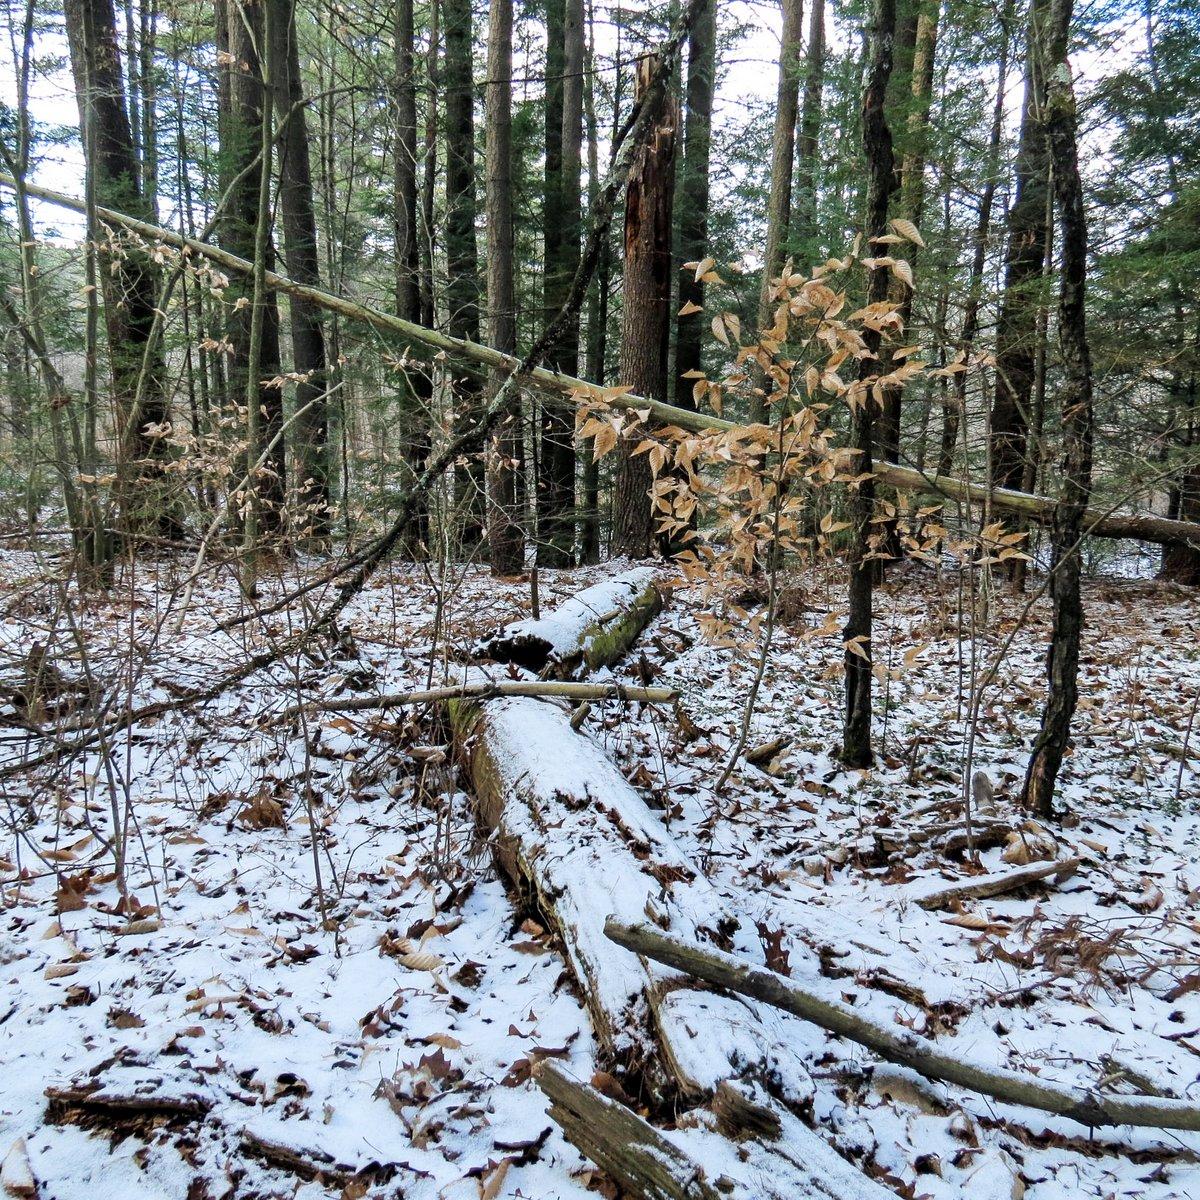 8. Woods